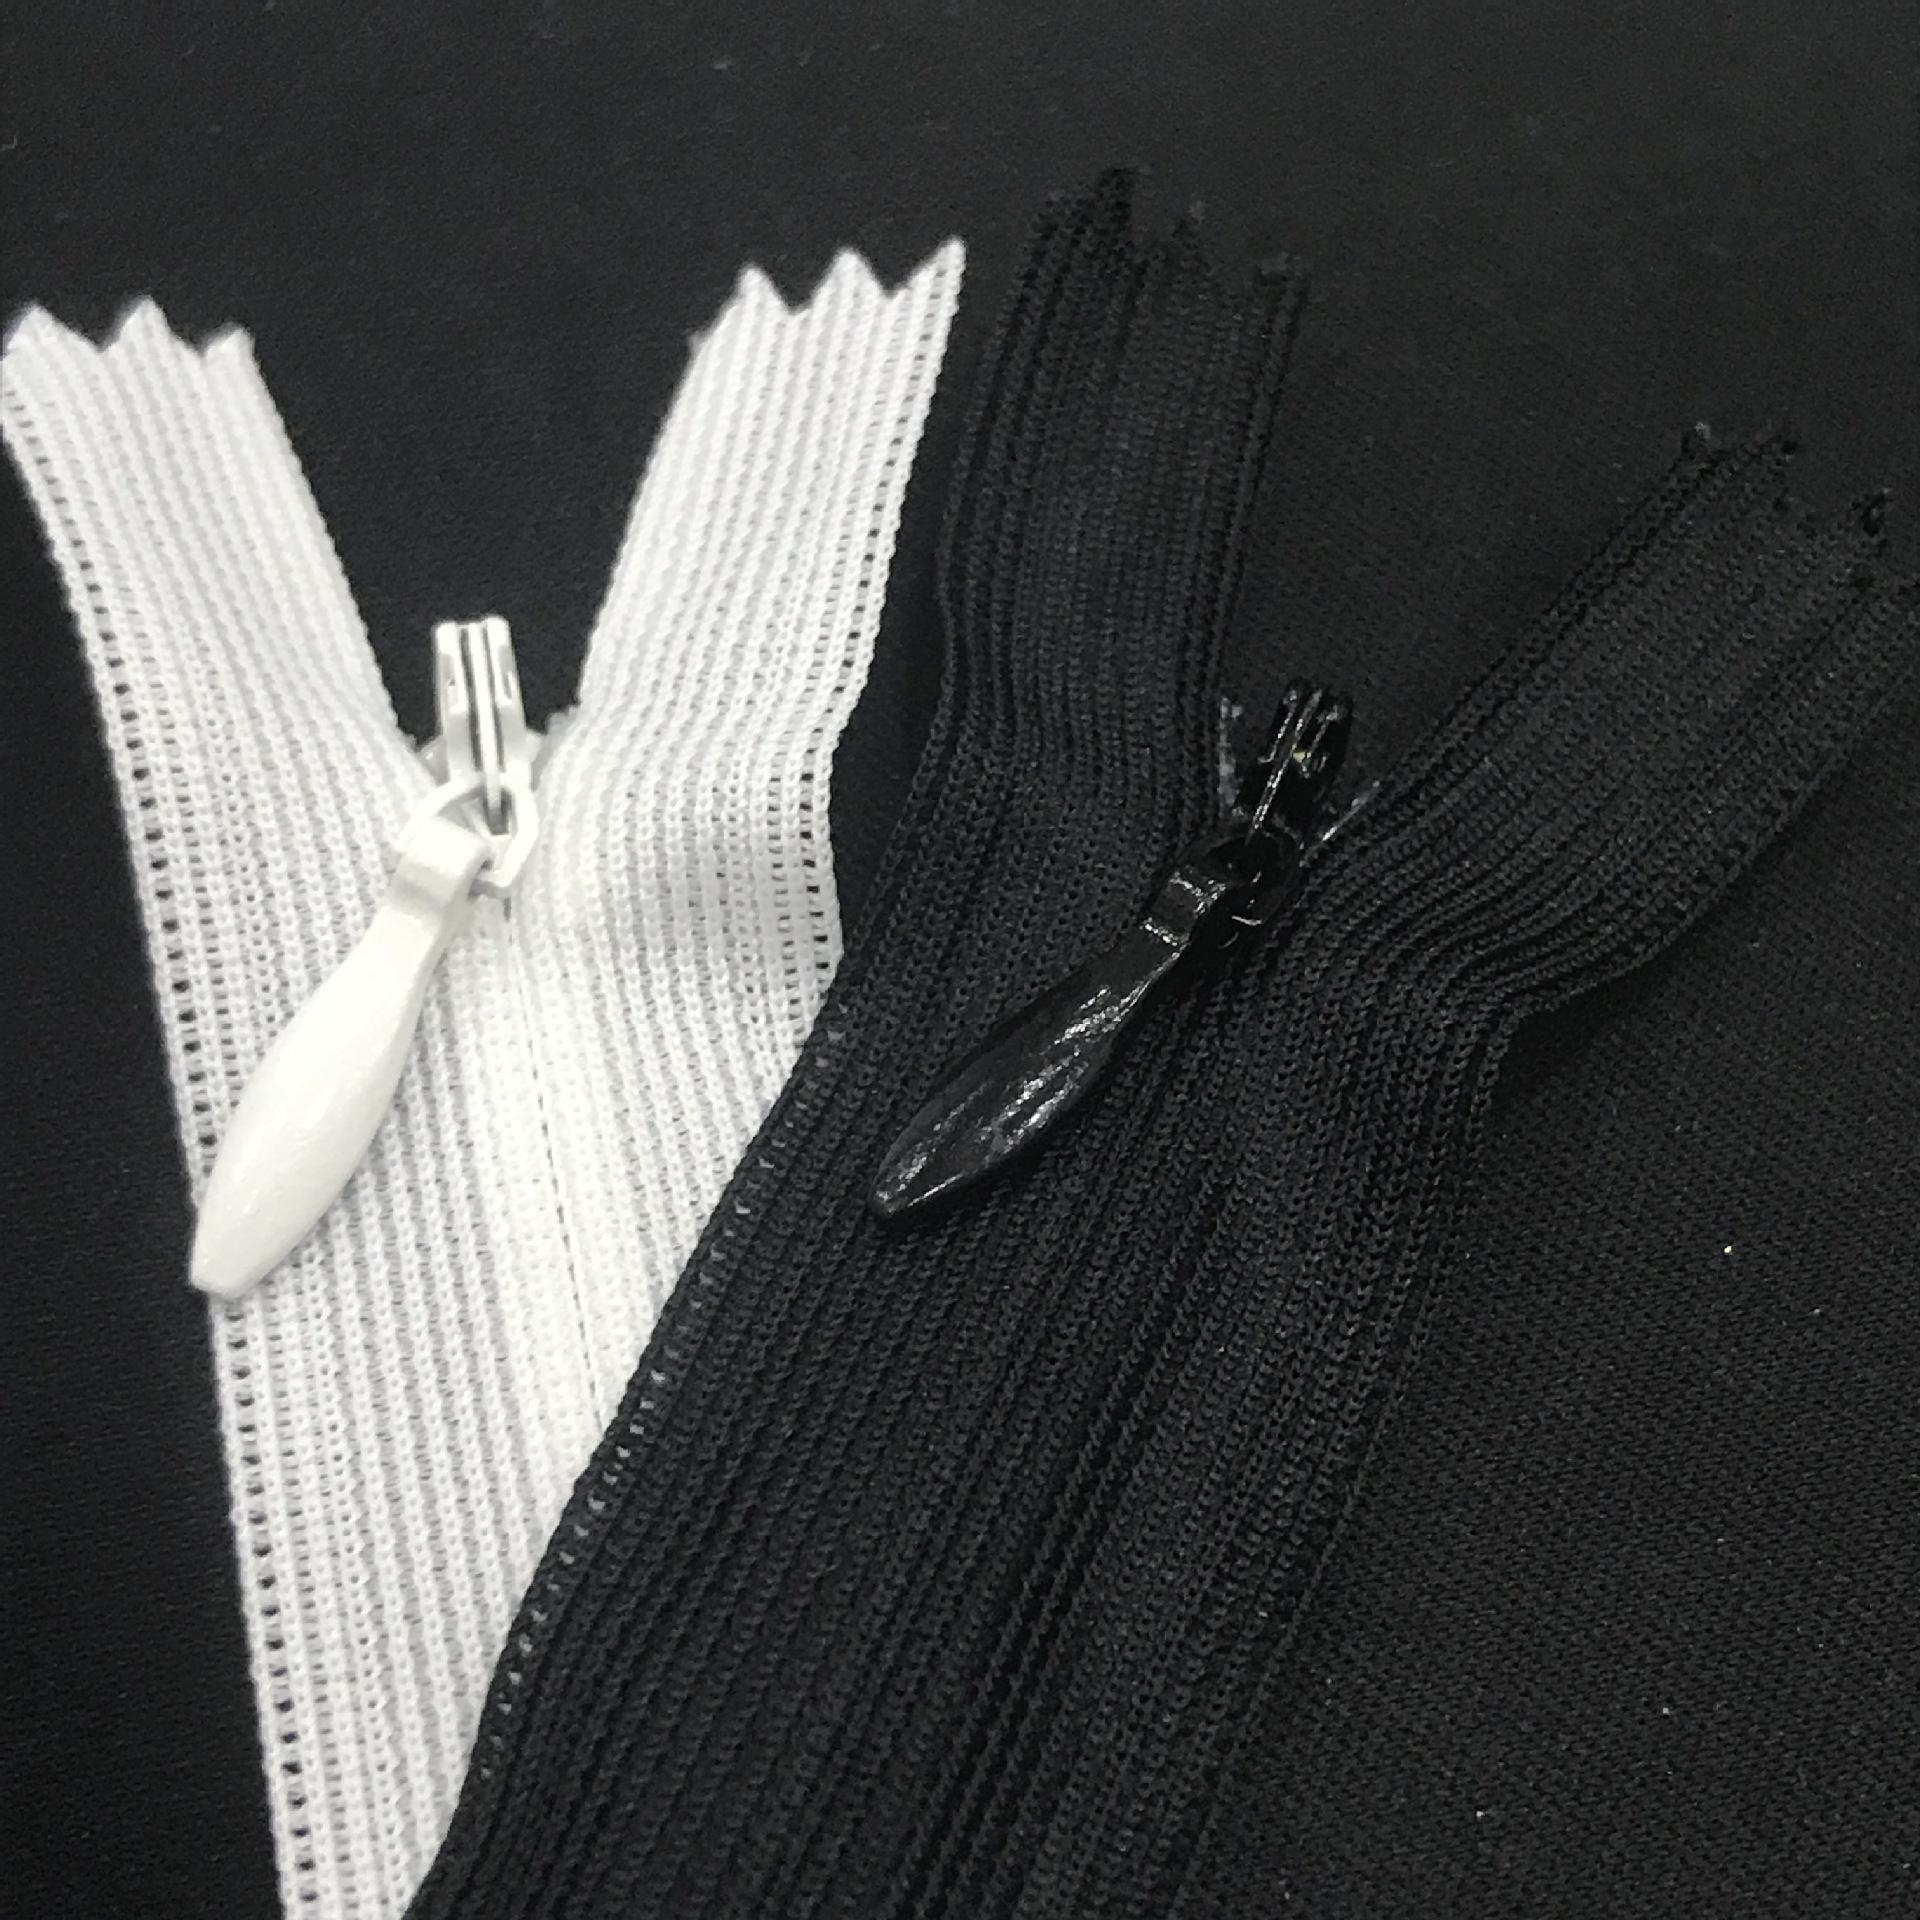 SBS Dây kéo Nylon Nhà máy trực tiếp sbs dây kéo 3 vô hình dây kéo đóng cửa nylon nylon gối quần áo v